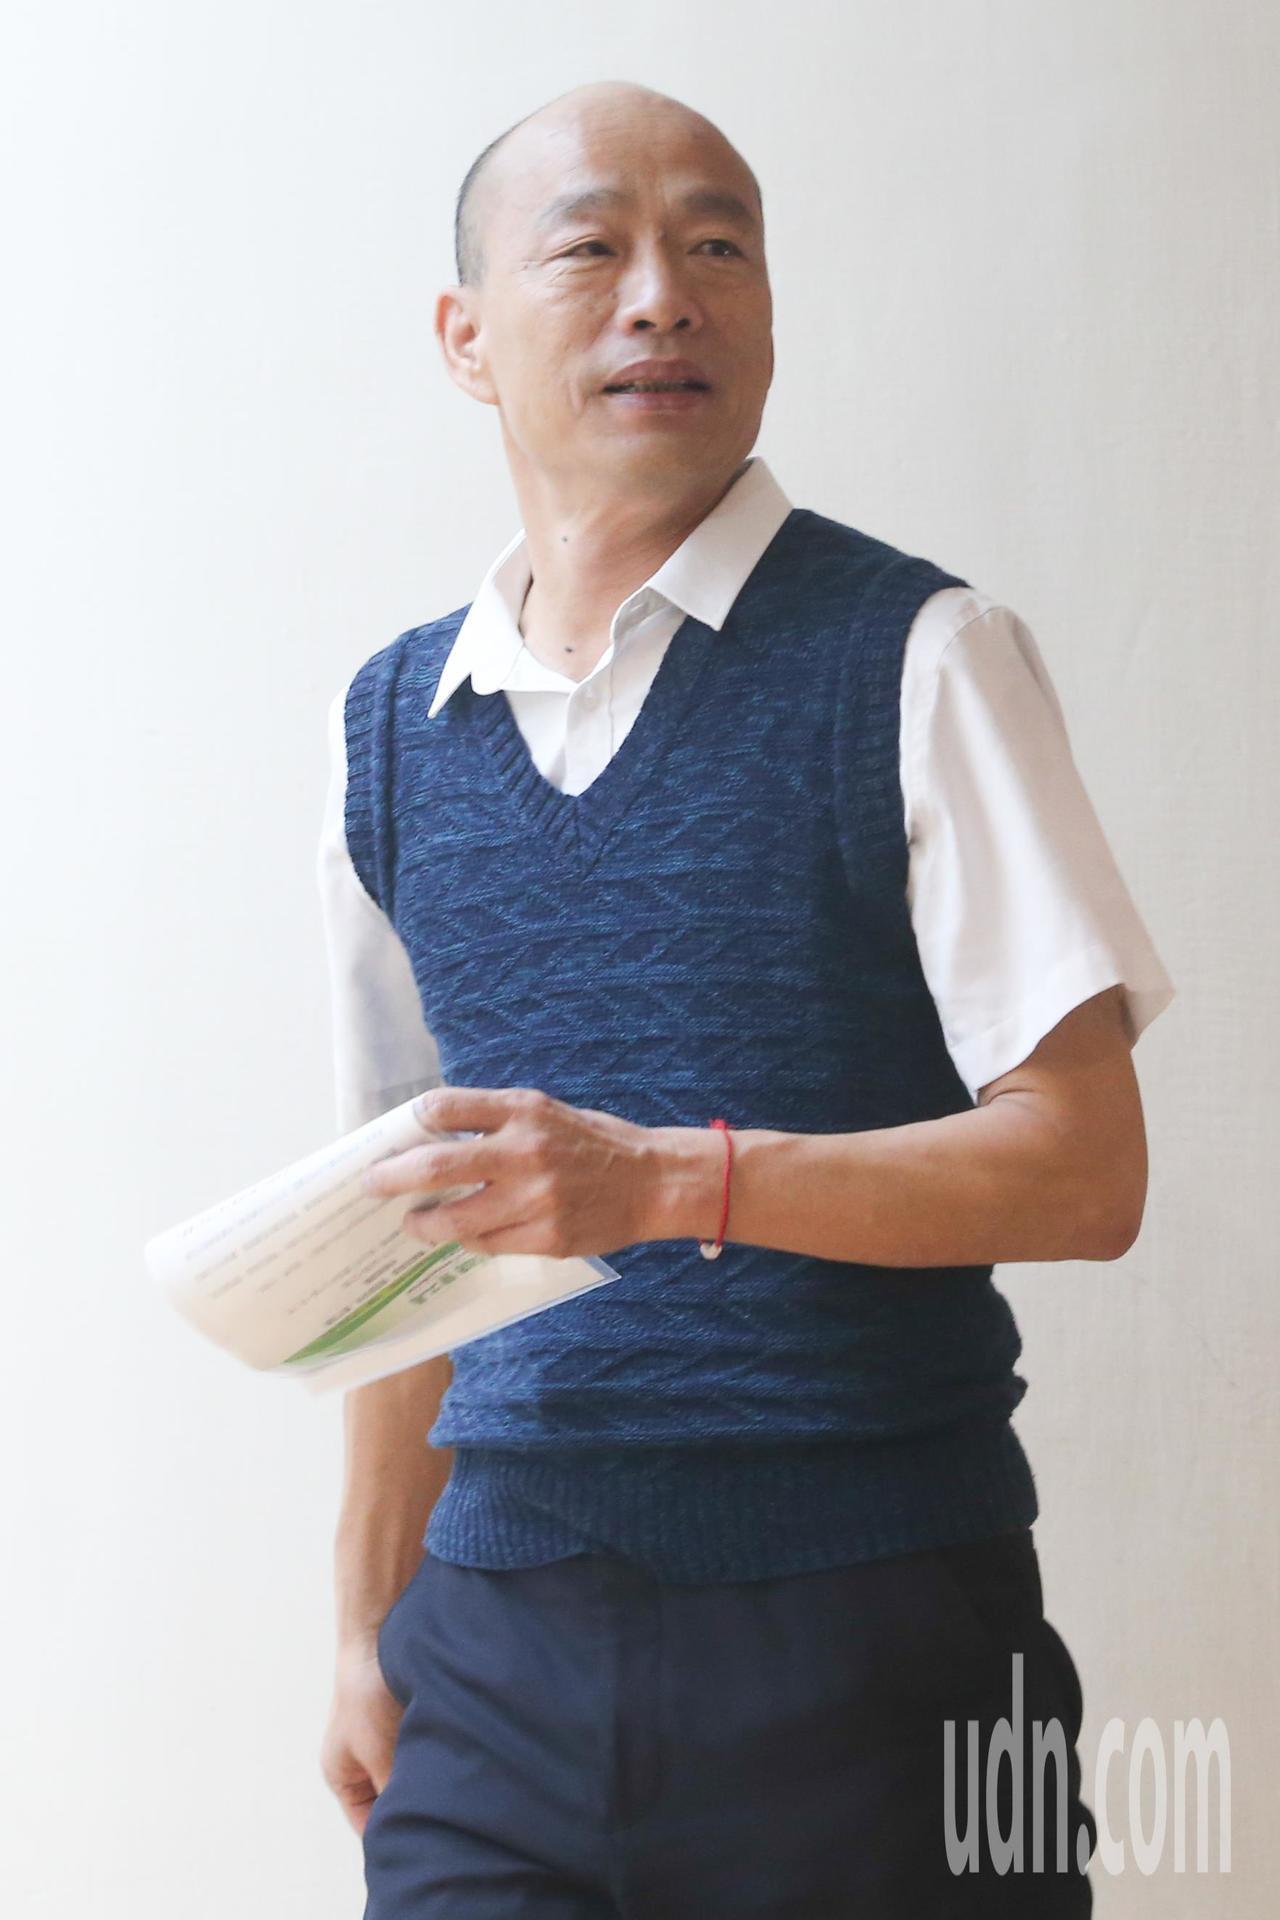 高雄市長韓國瑜下午參加高雄勞工局在台北舉辦的「開薪回高雄」徵才活動,談到走私菸的...